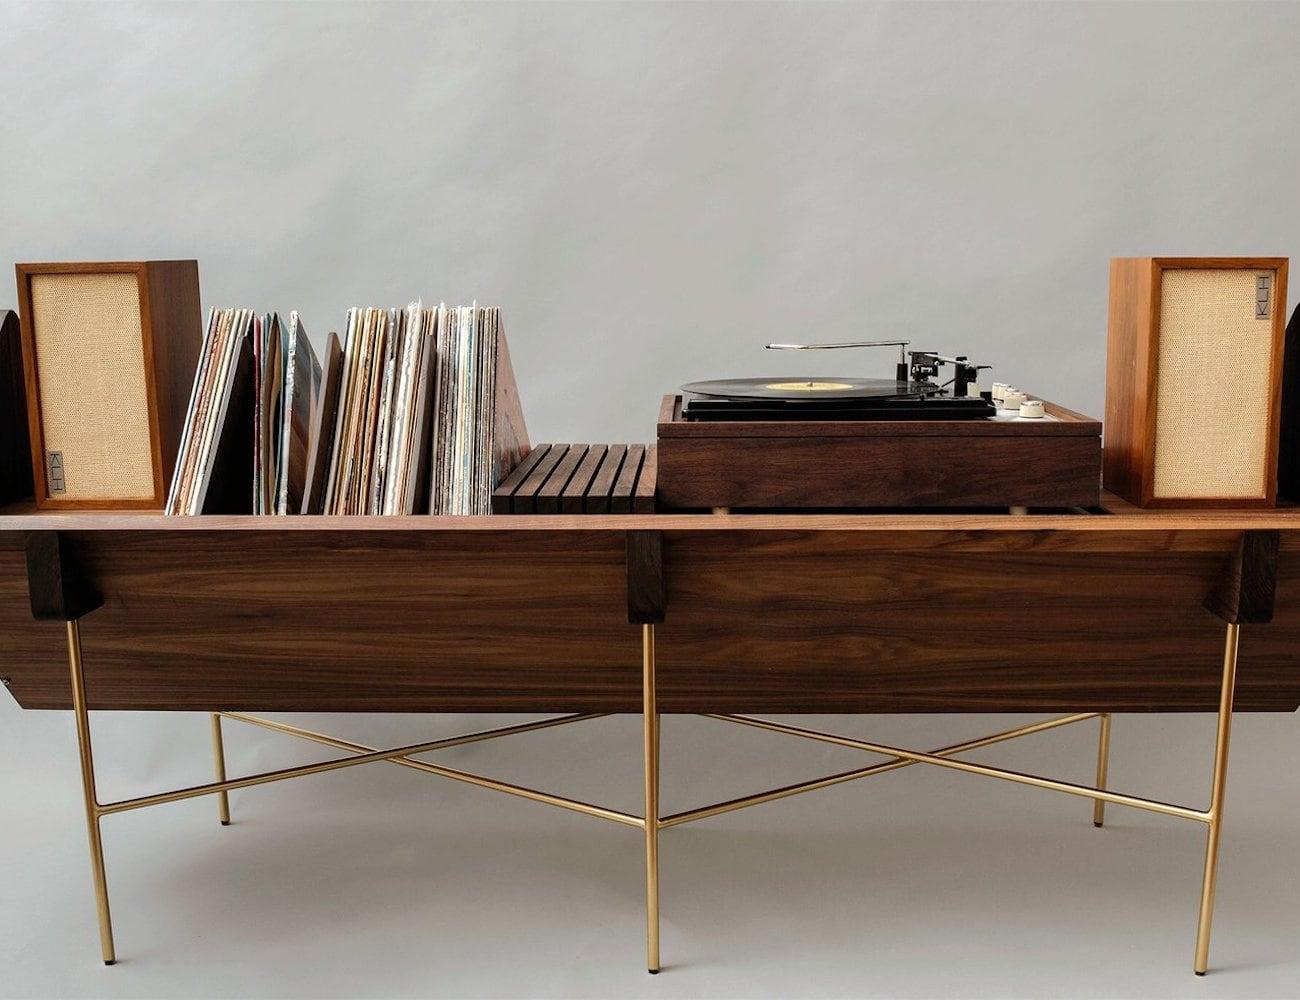 Sitskie OPEN 45 Credenza Modern Vinyl Setup